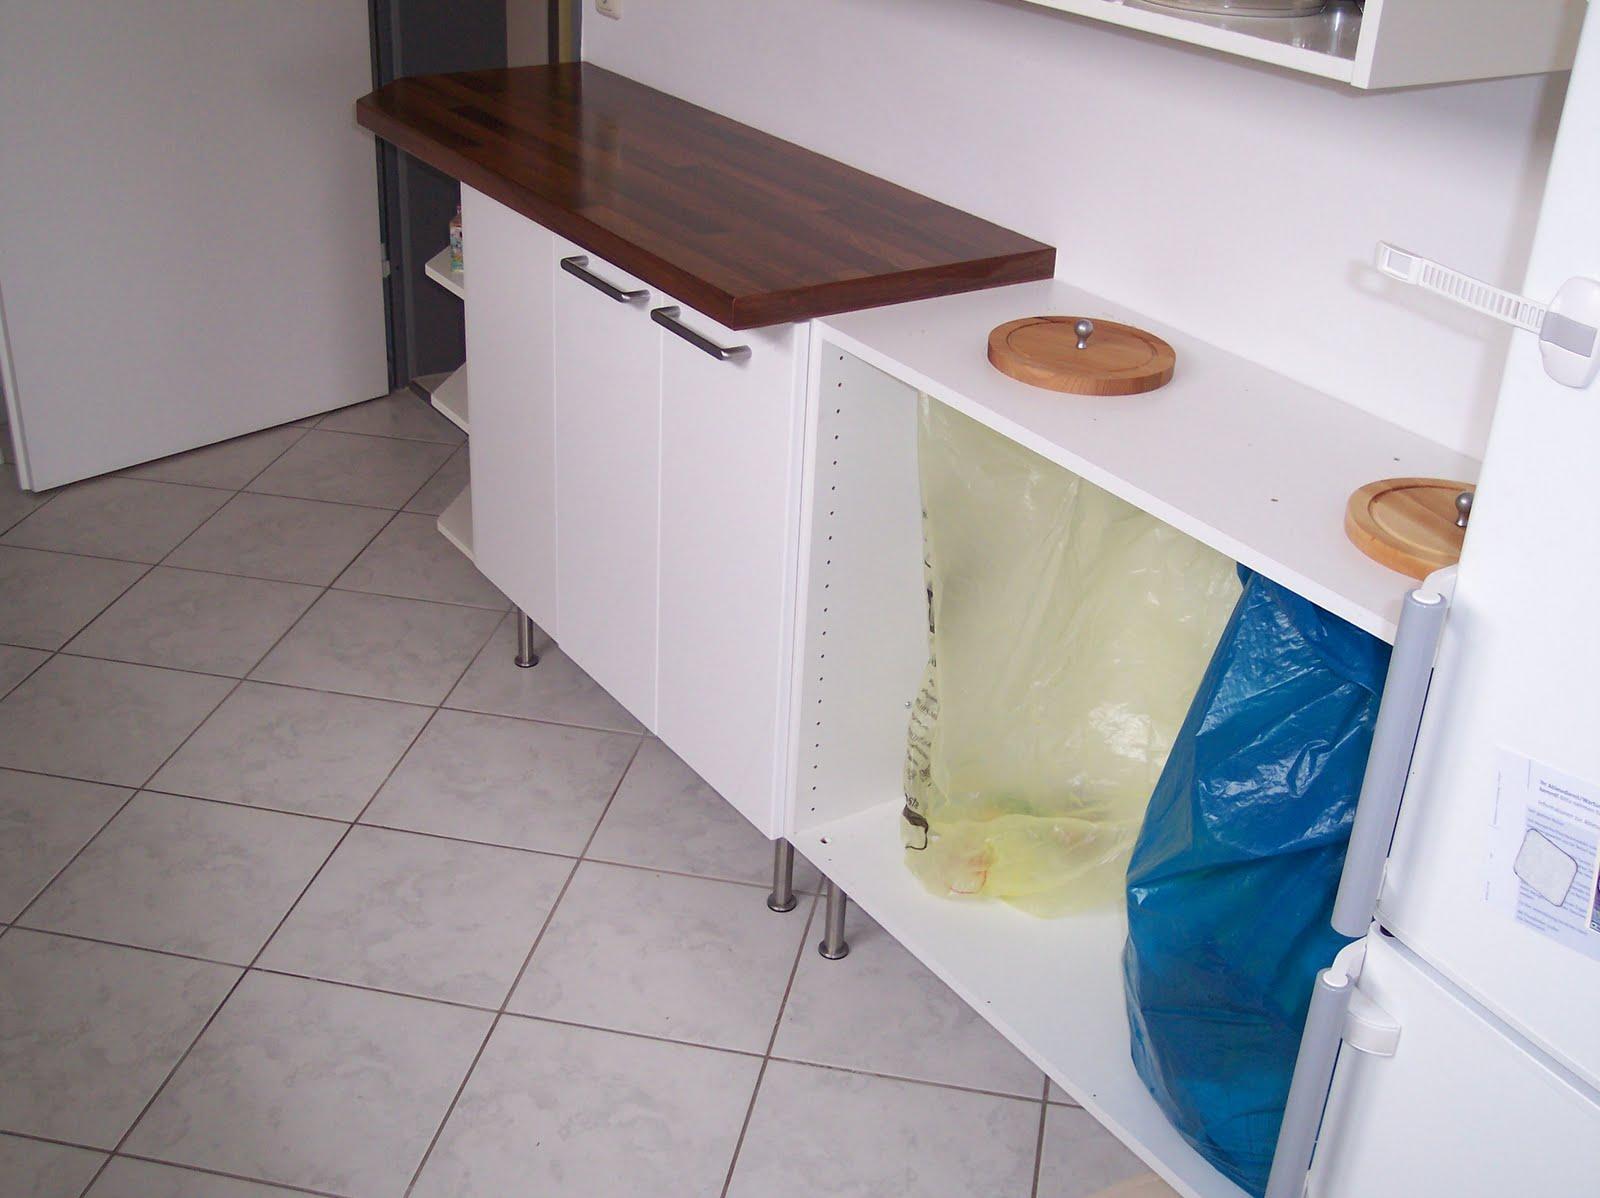 Recycling bin solution - IKEA Hackers